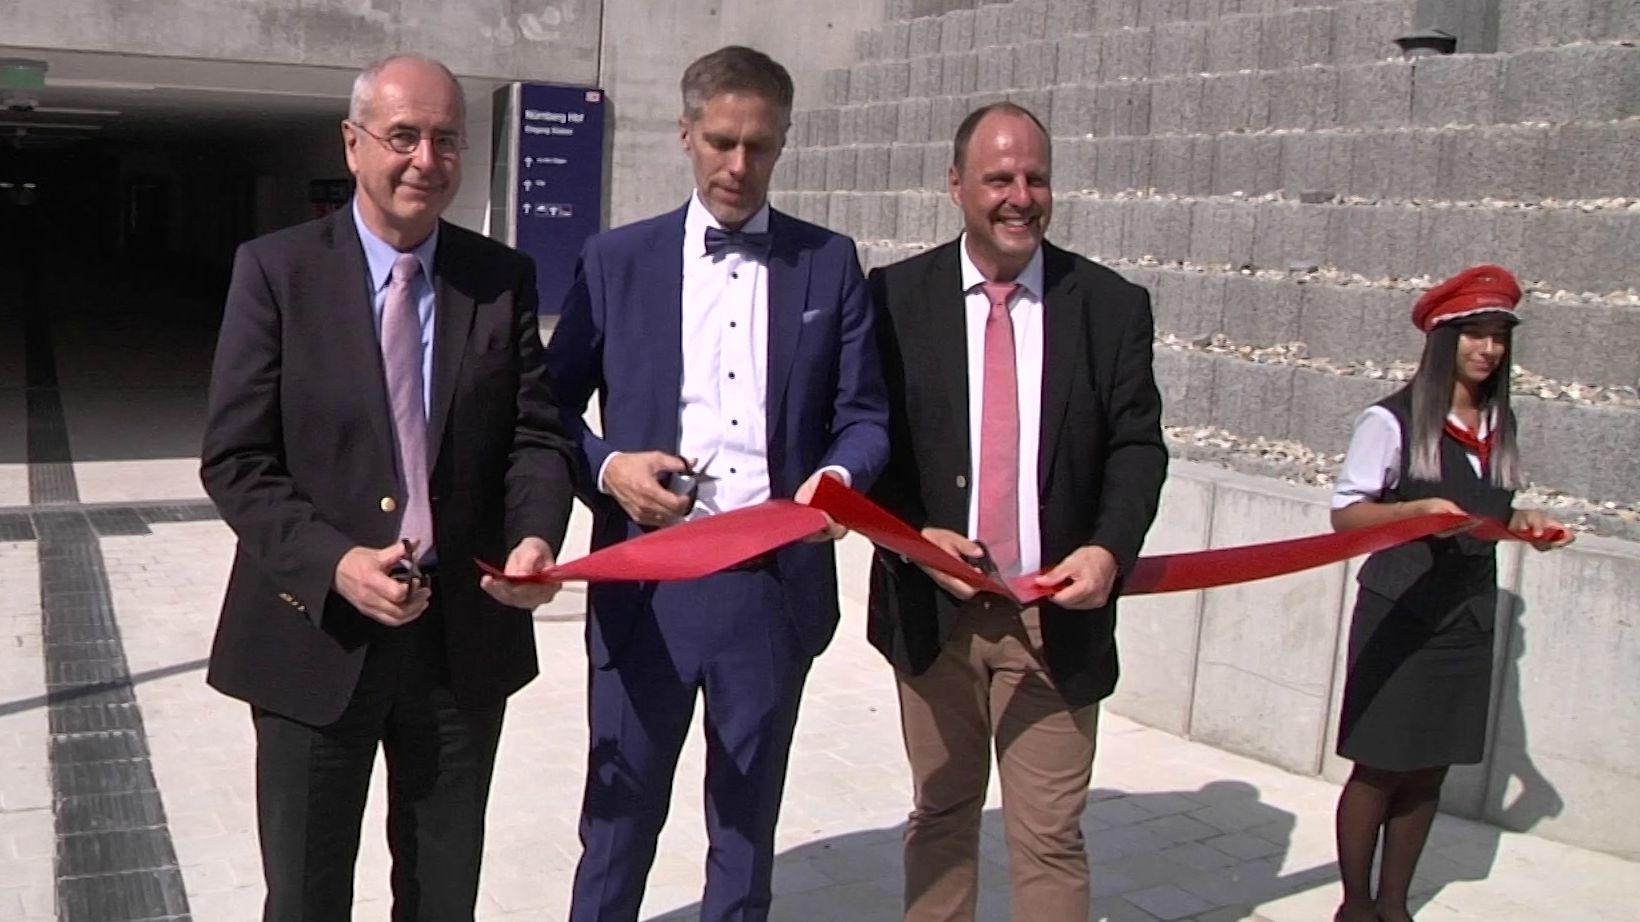 Regierungspräsident Thomas Bauer, Andreas Rudolf von der Deutschen Bahn und Bürgermeister Christian Vogel eröffnen den Osttunnel Südosteingang.